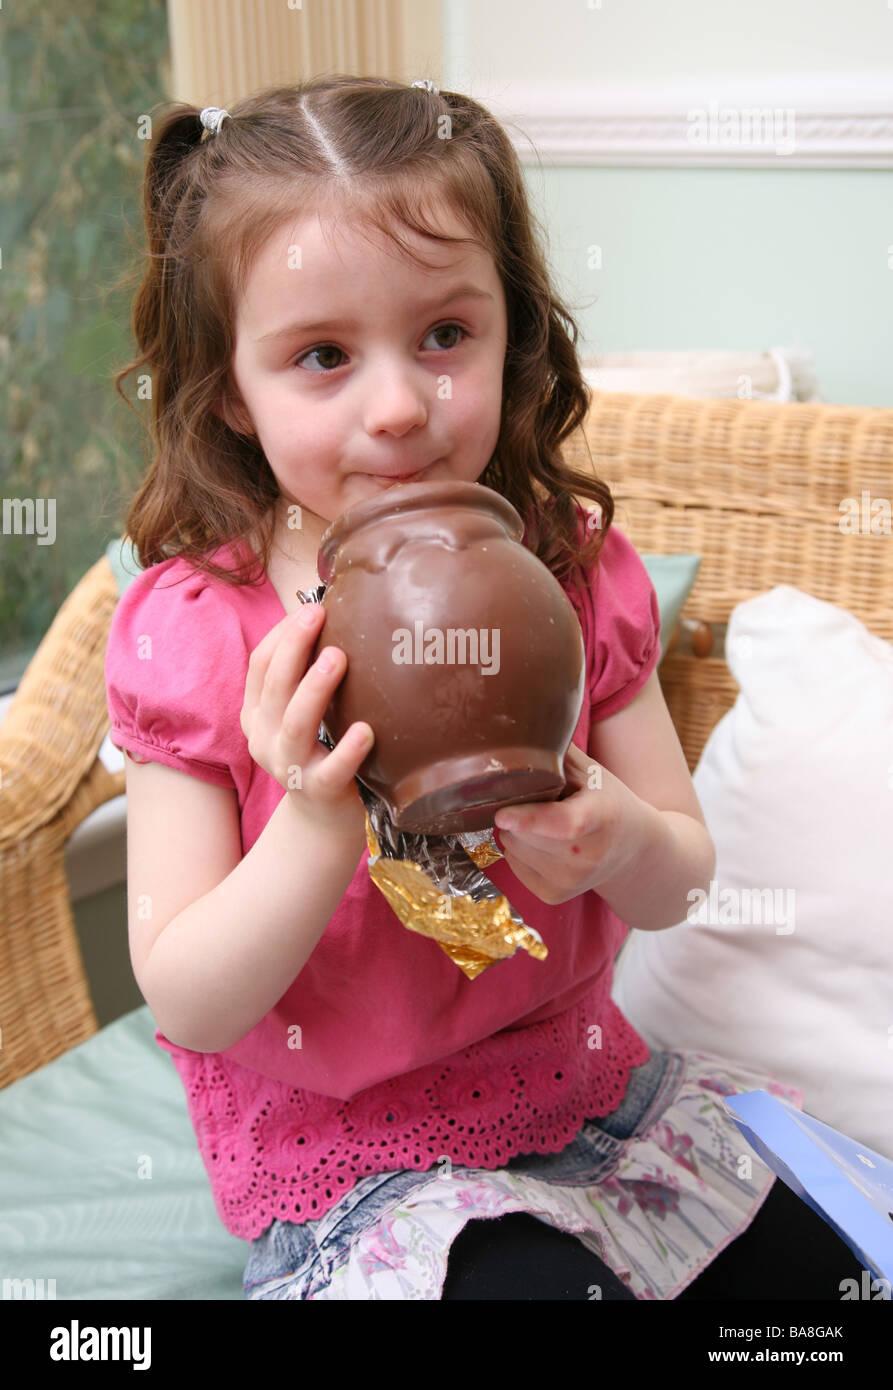 Vier Jahre altes Mädchen essen viel Schokolade Stockfoto, Bild ...